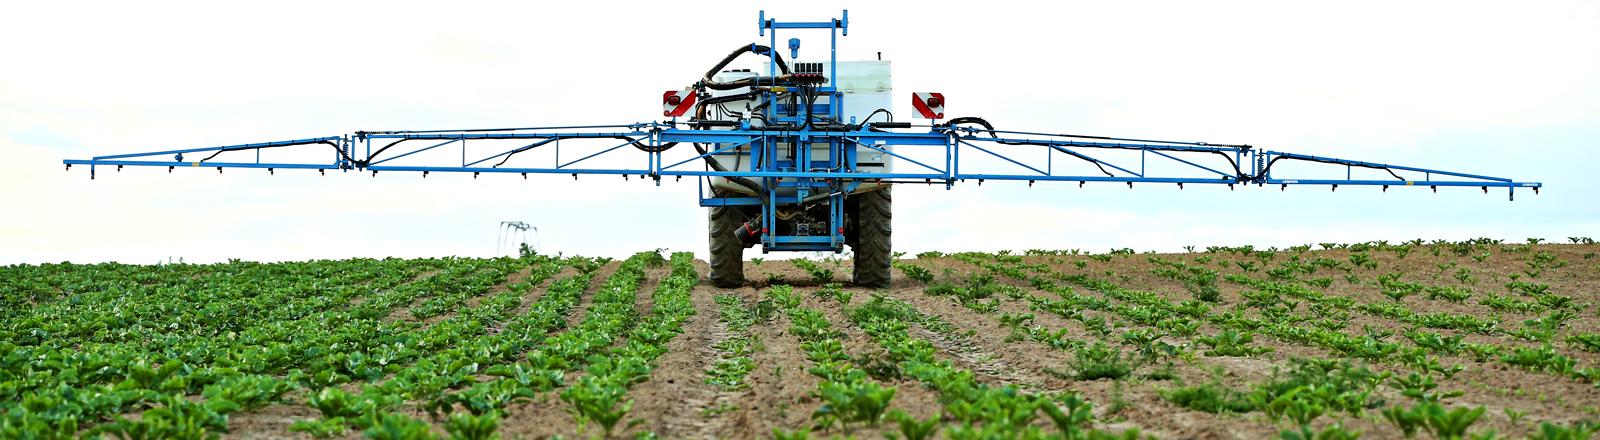 Ein Traktor spritzt Herbizide auf einem Acker.